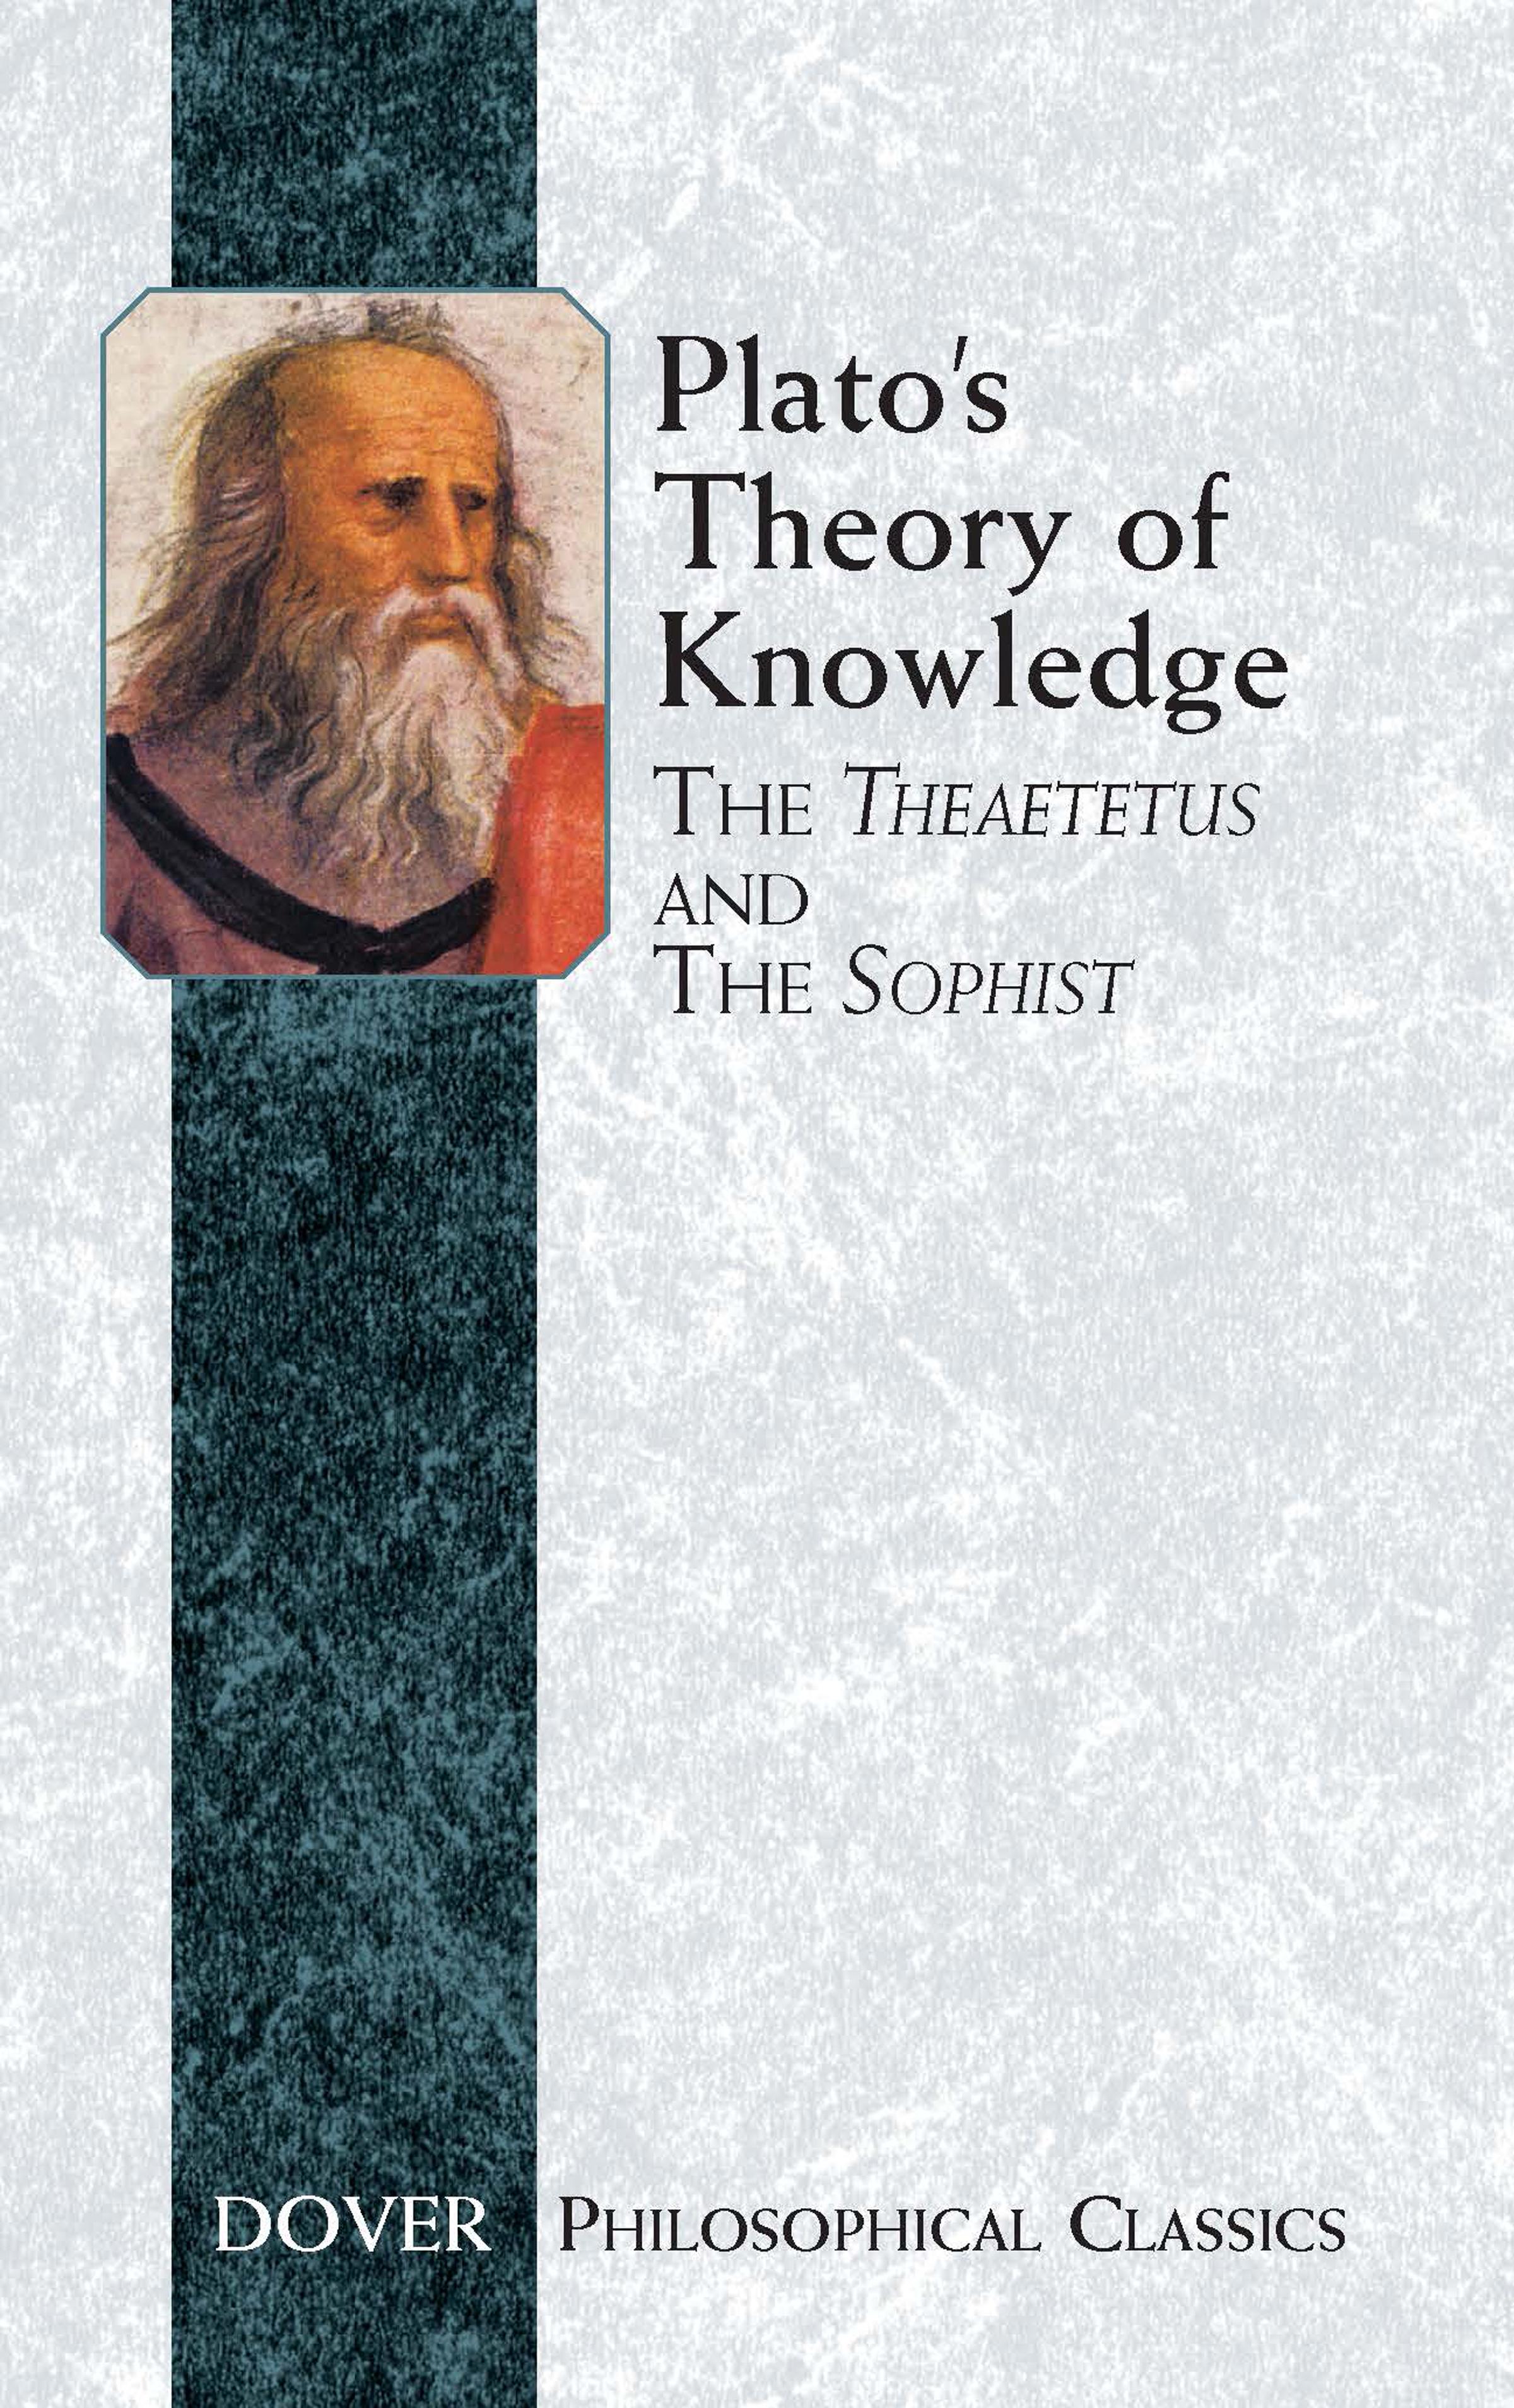 critique of platos theory essay